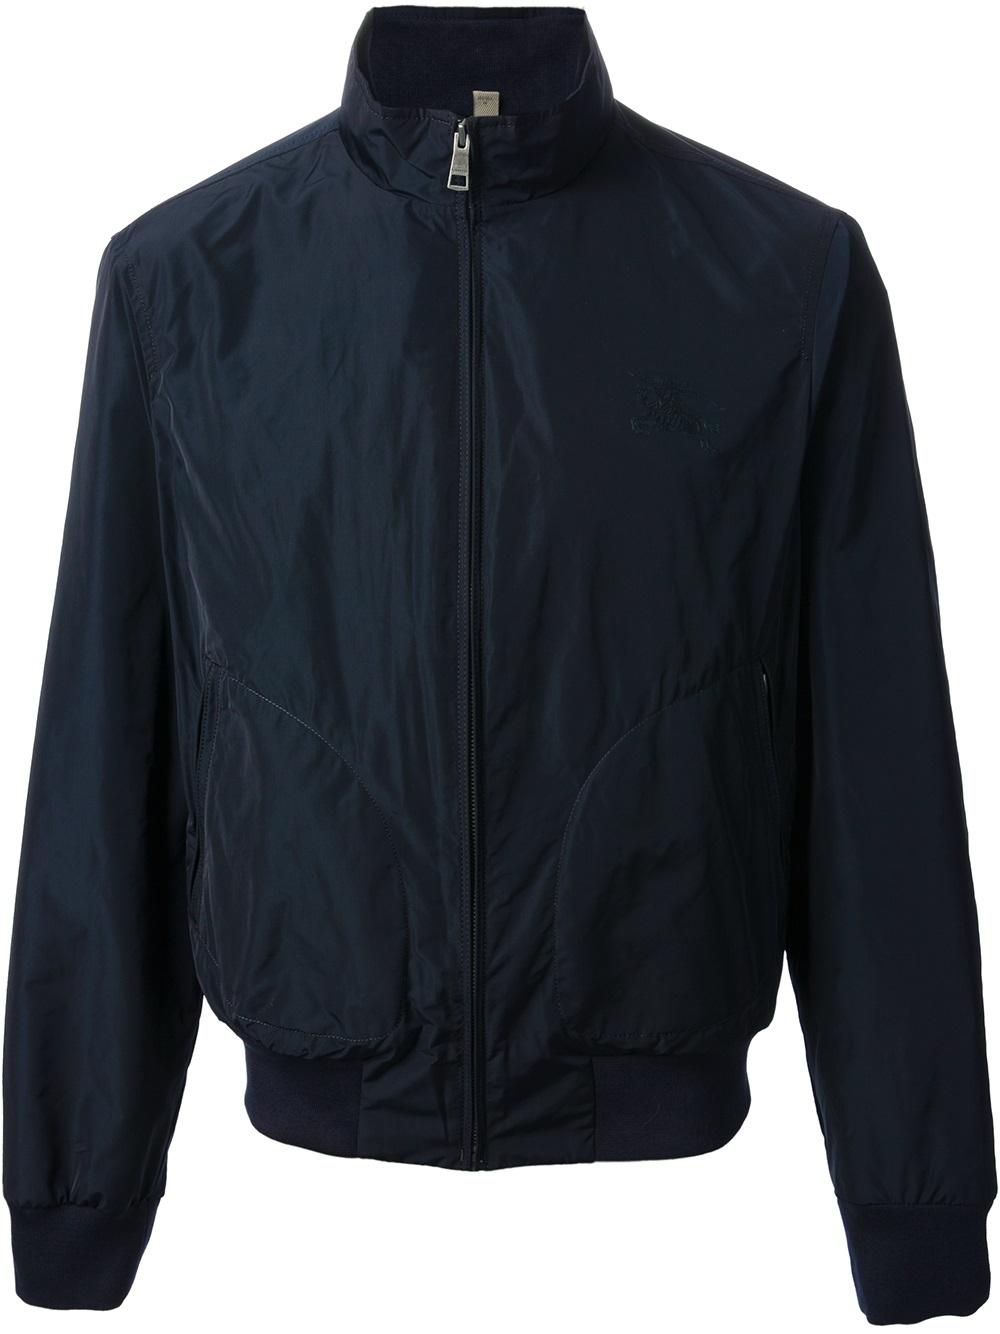 burberry brit zip jacket in black for men blue lyst. Black Bedroom Furniture Sets. Home Design Ideas